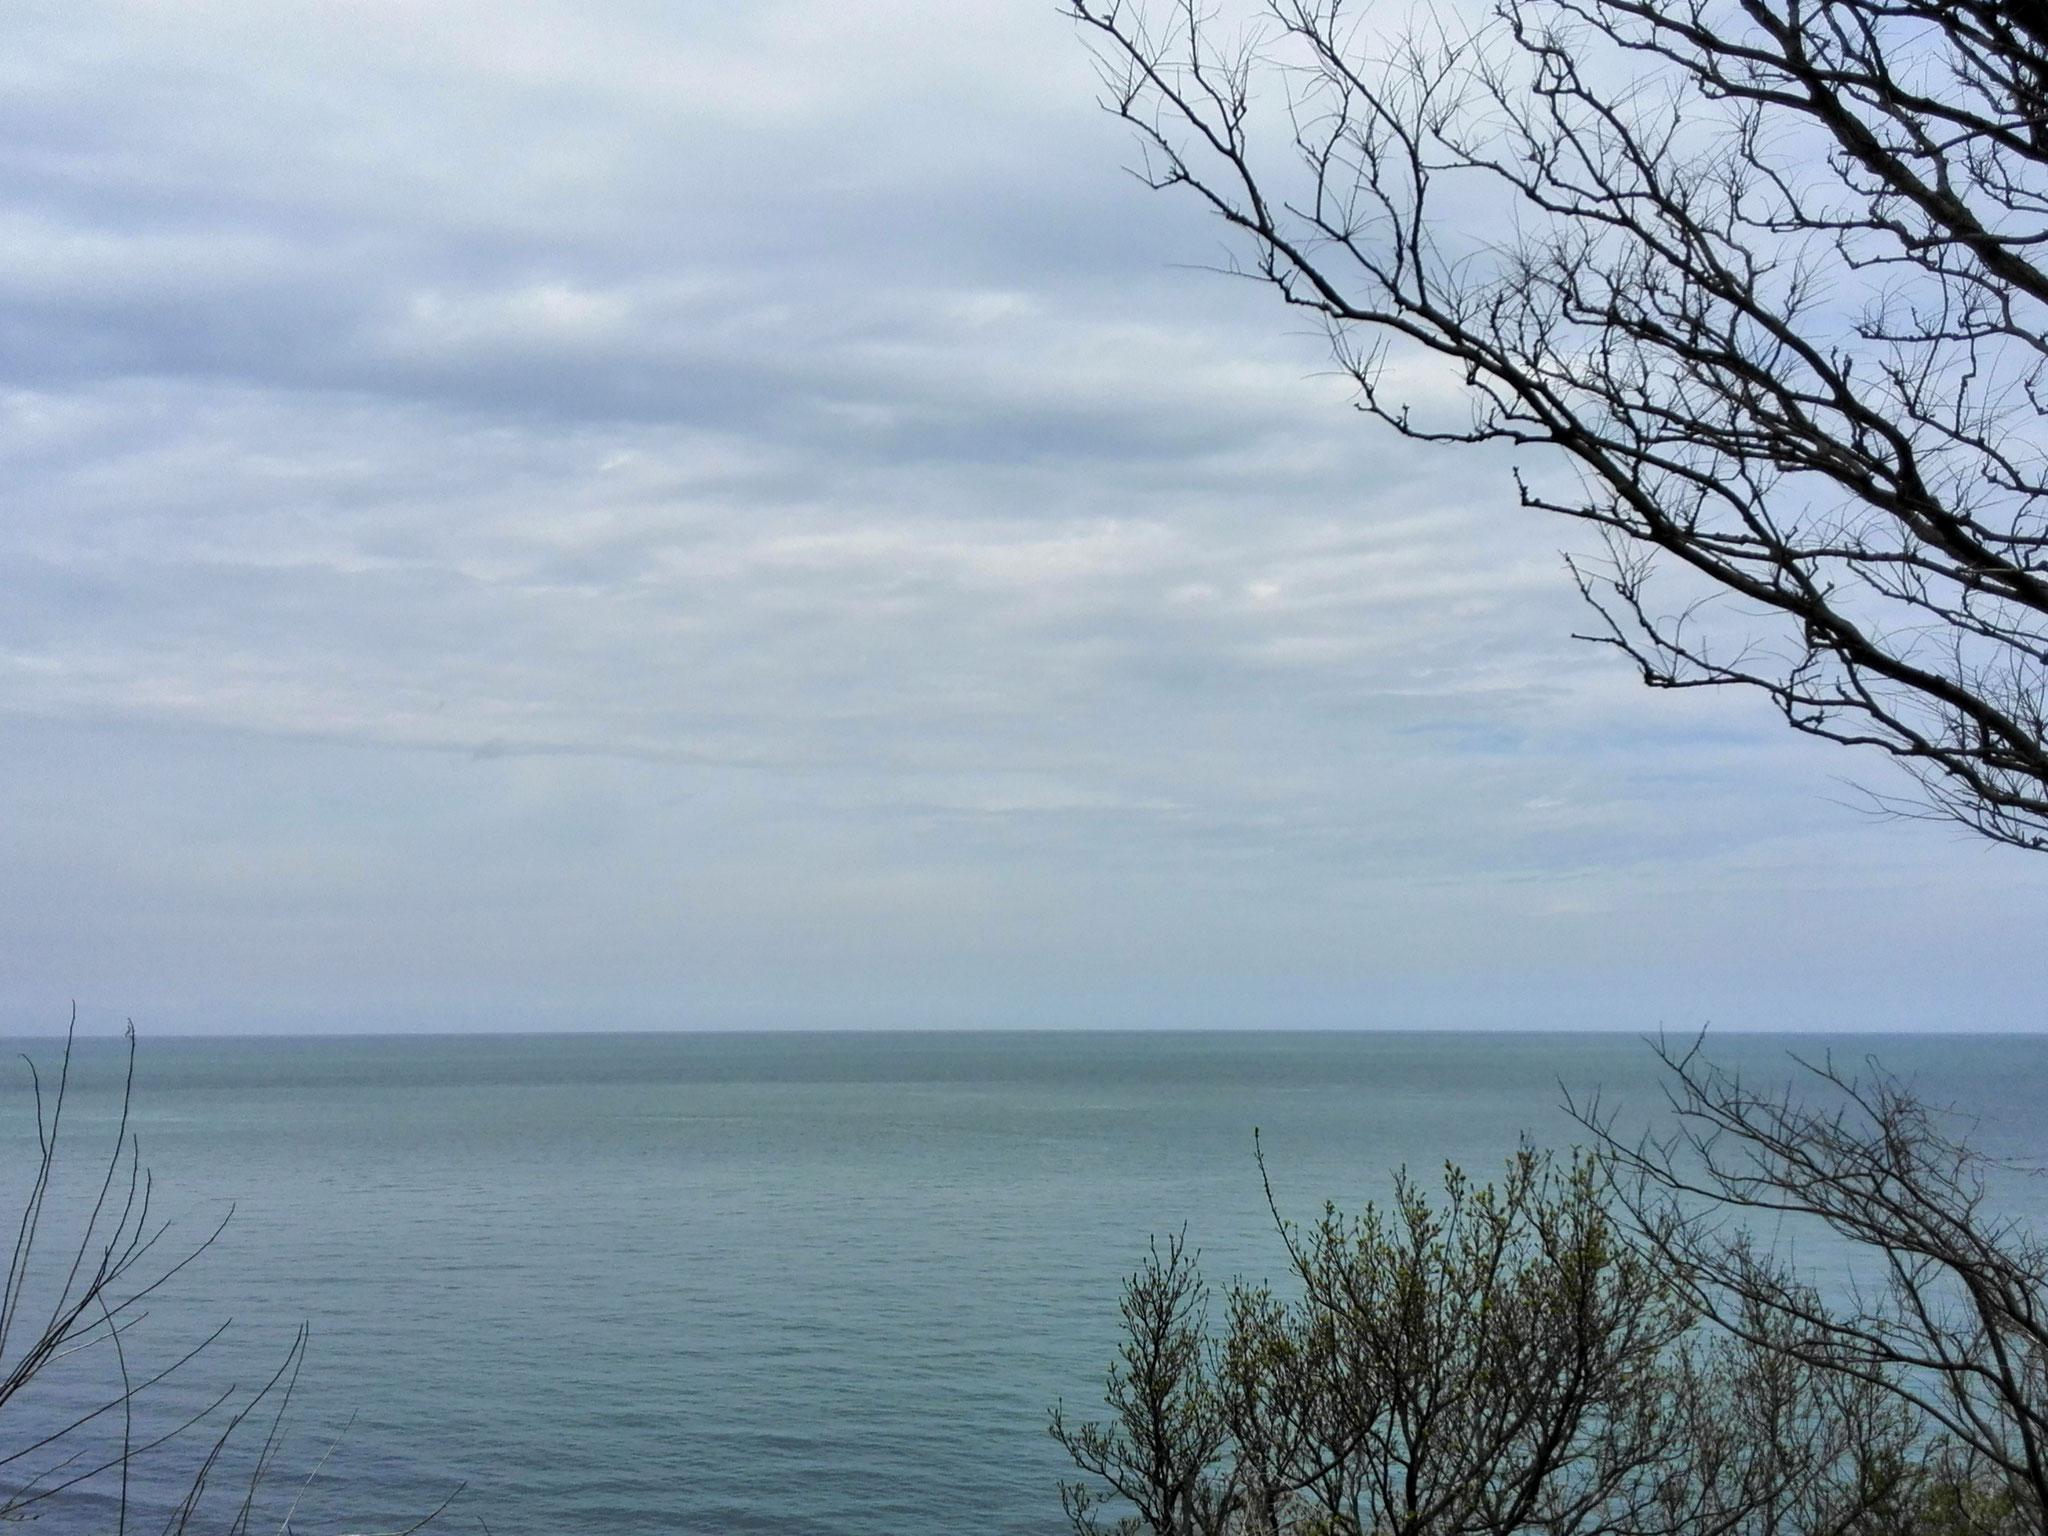 茶屋ヶ原から見た日本海。北回りの船の難所の一つされている。この日は凪いでいた。